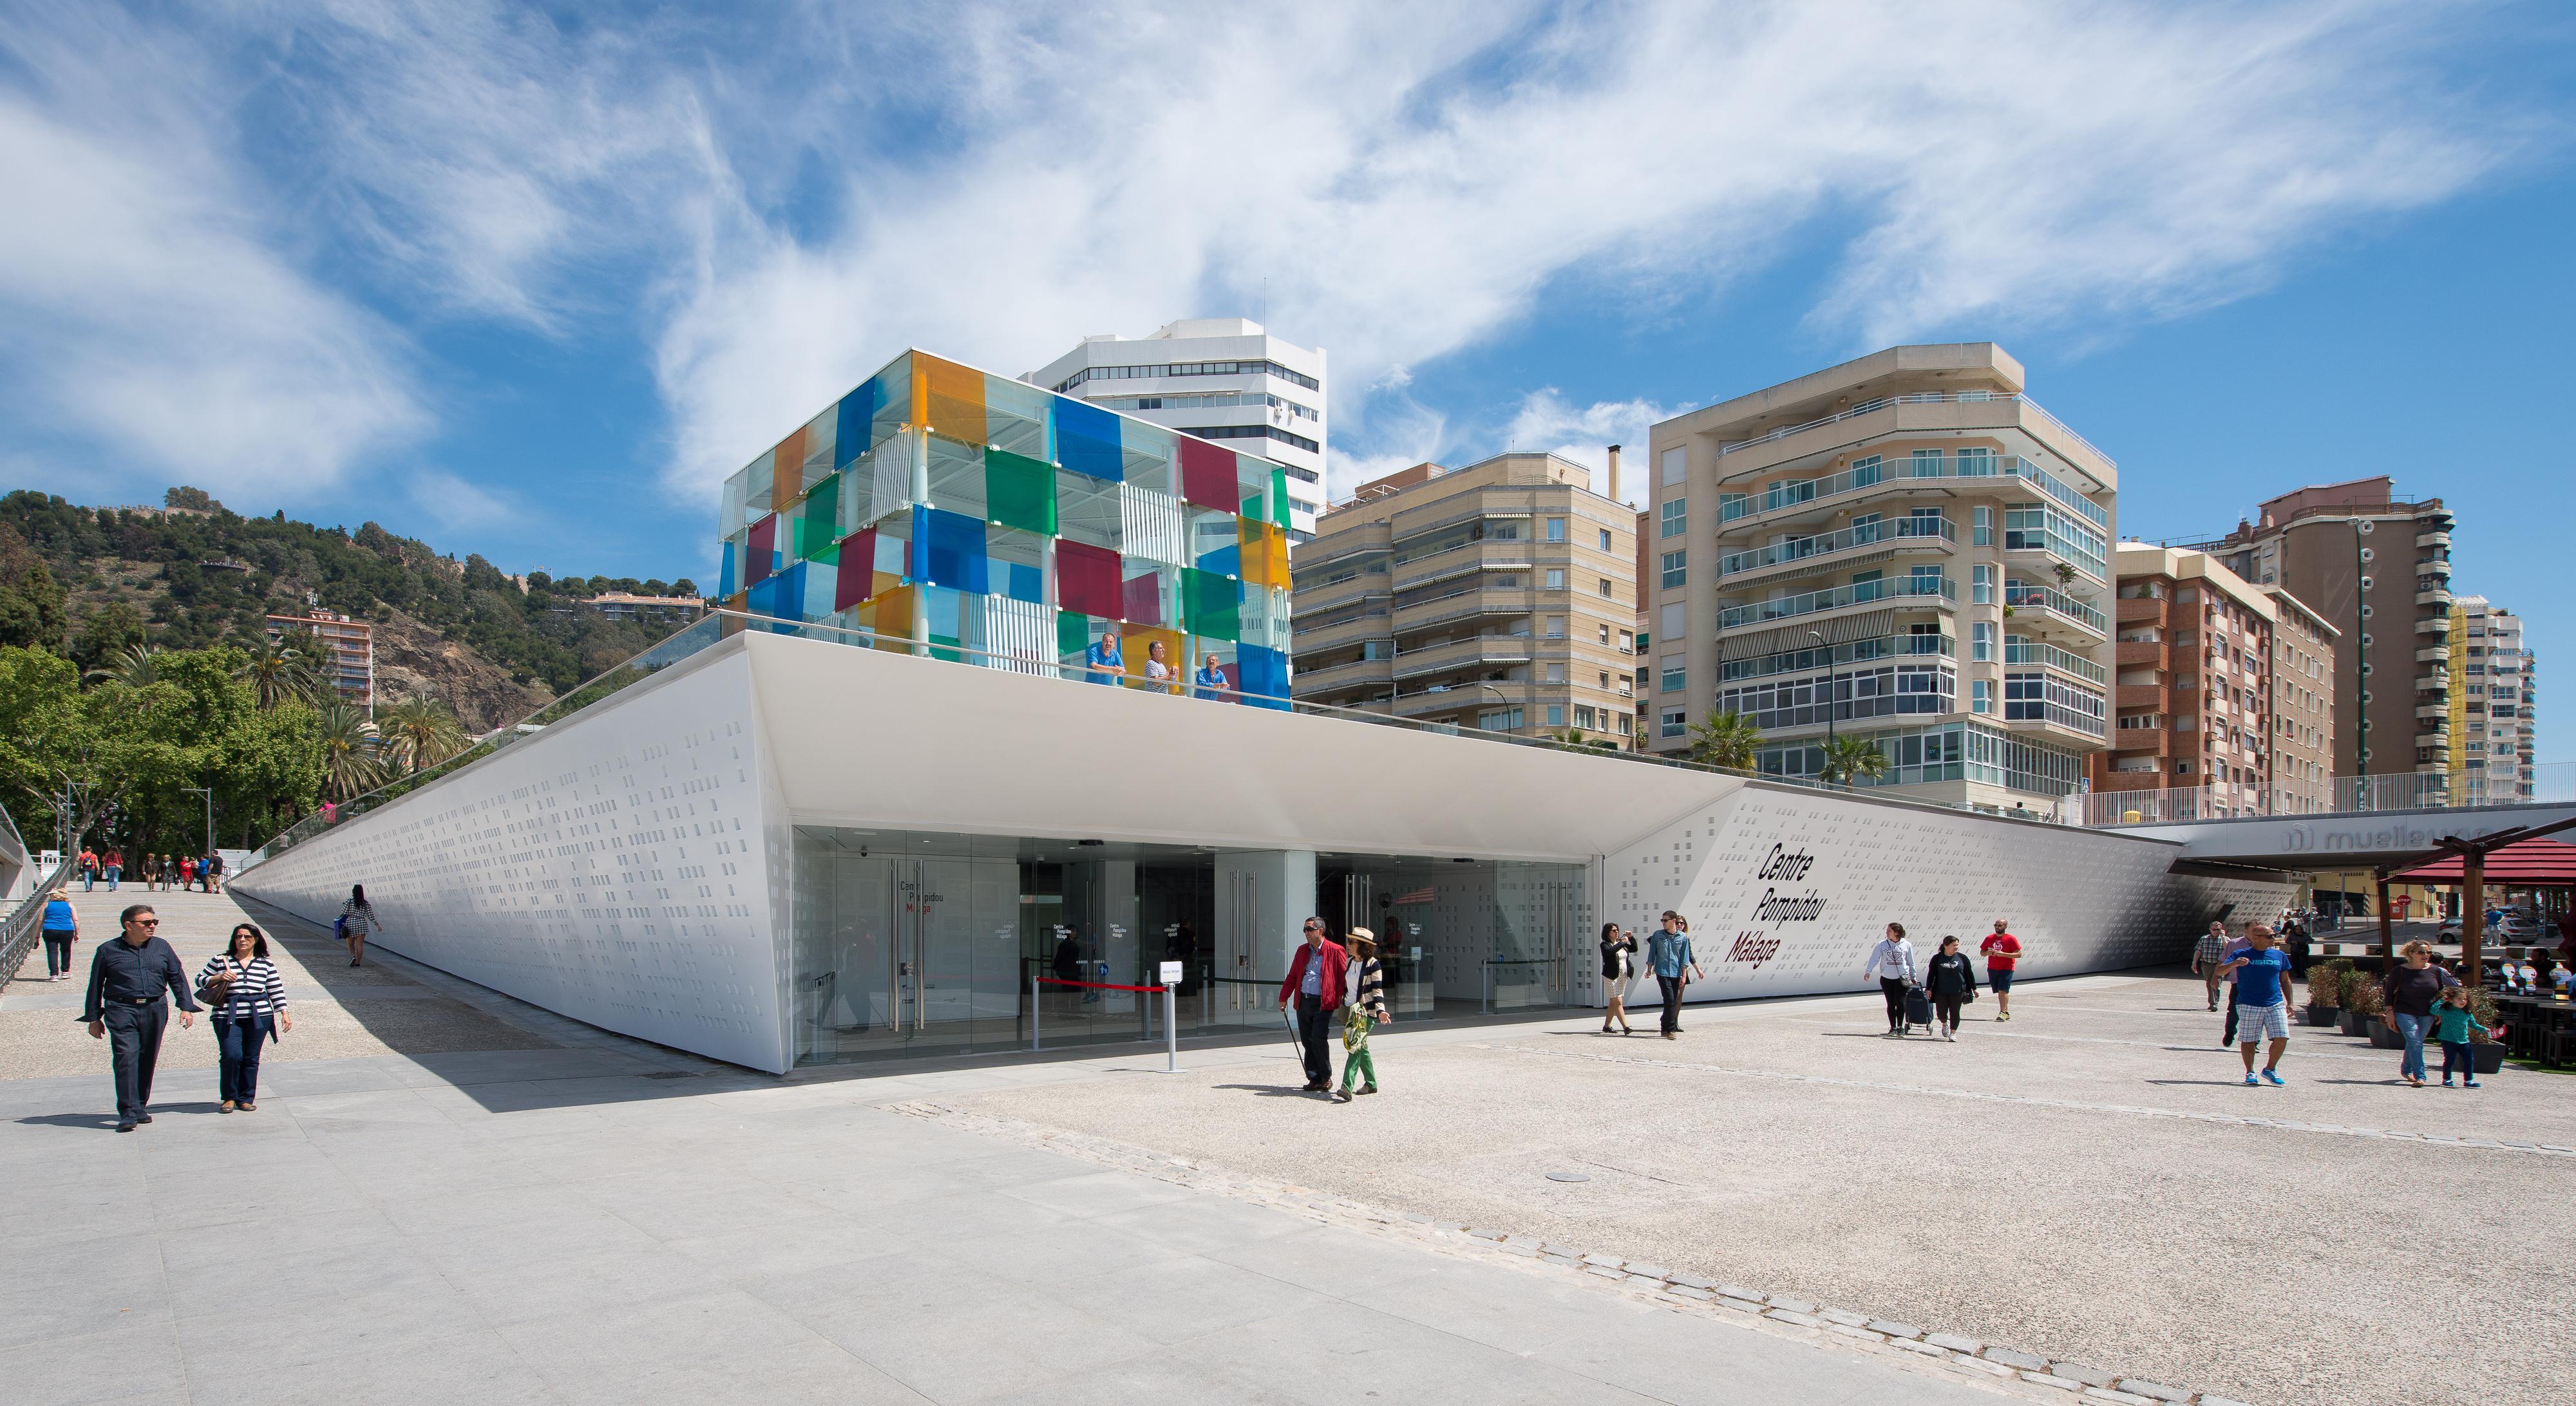 Centro pompidou de m laga wikiwand for Art minimal pompidou